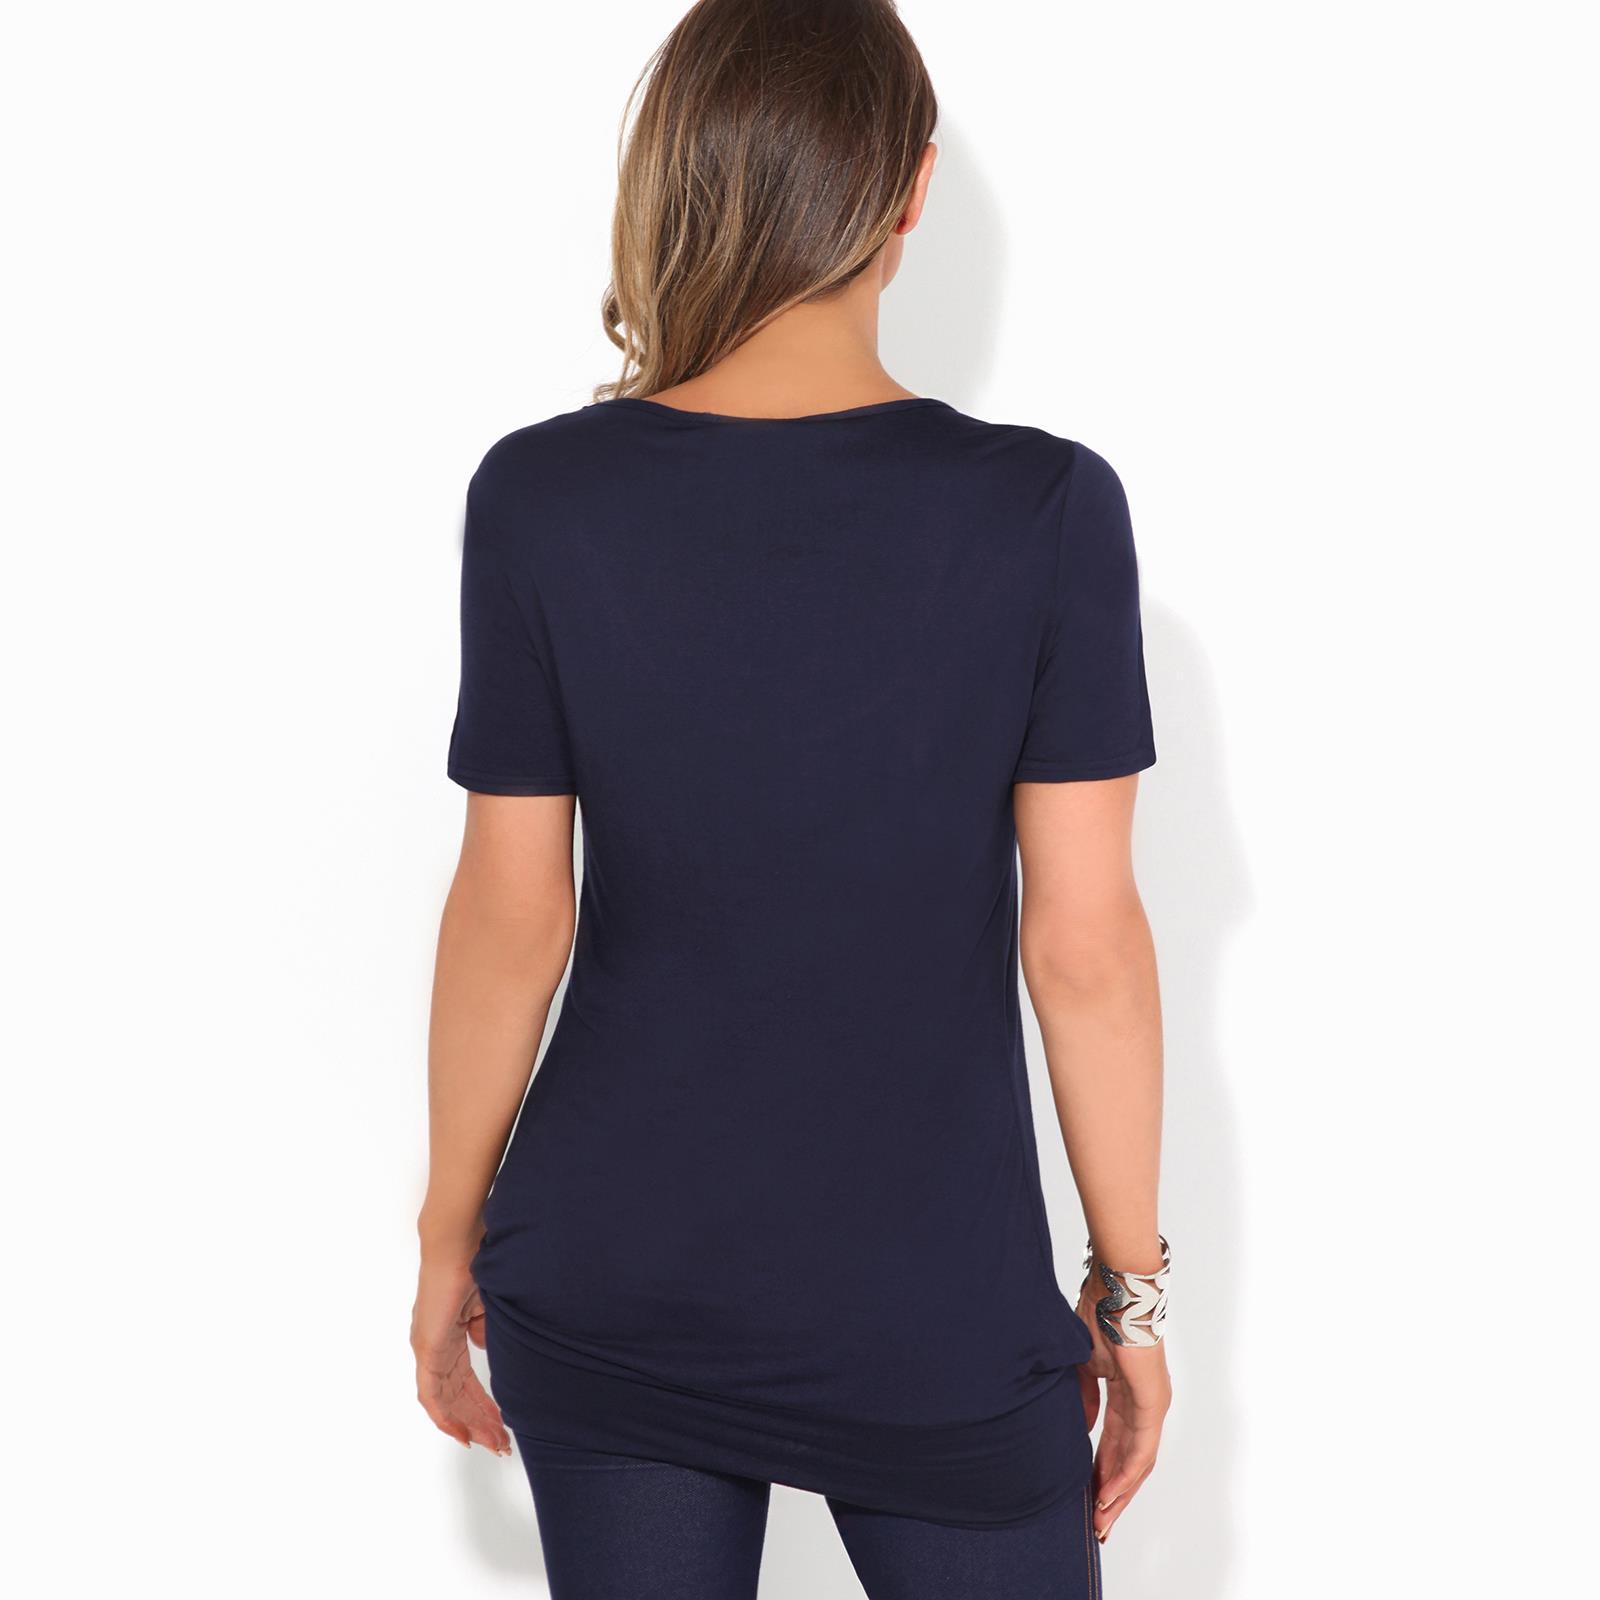 Femmes-Top-Haut-Chemisier-T-Shirt-Chemise-Blouse-Tunique-Long-Grandes-Tailles miniature 5